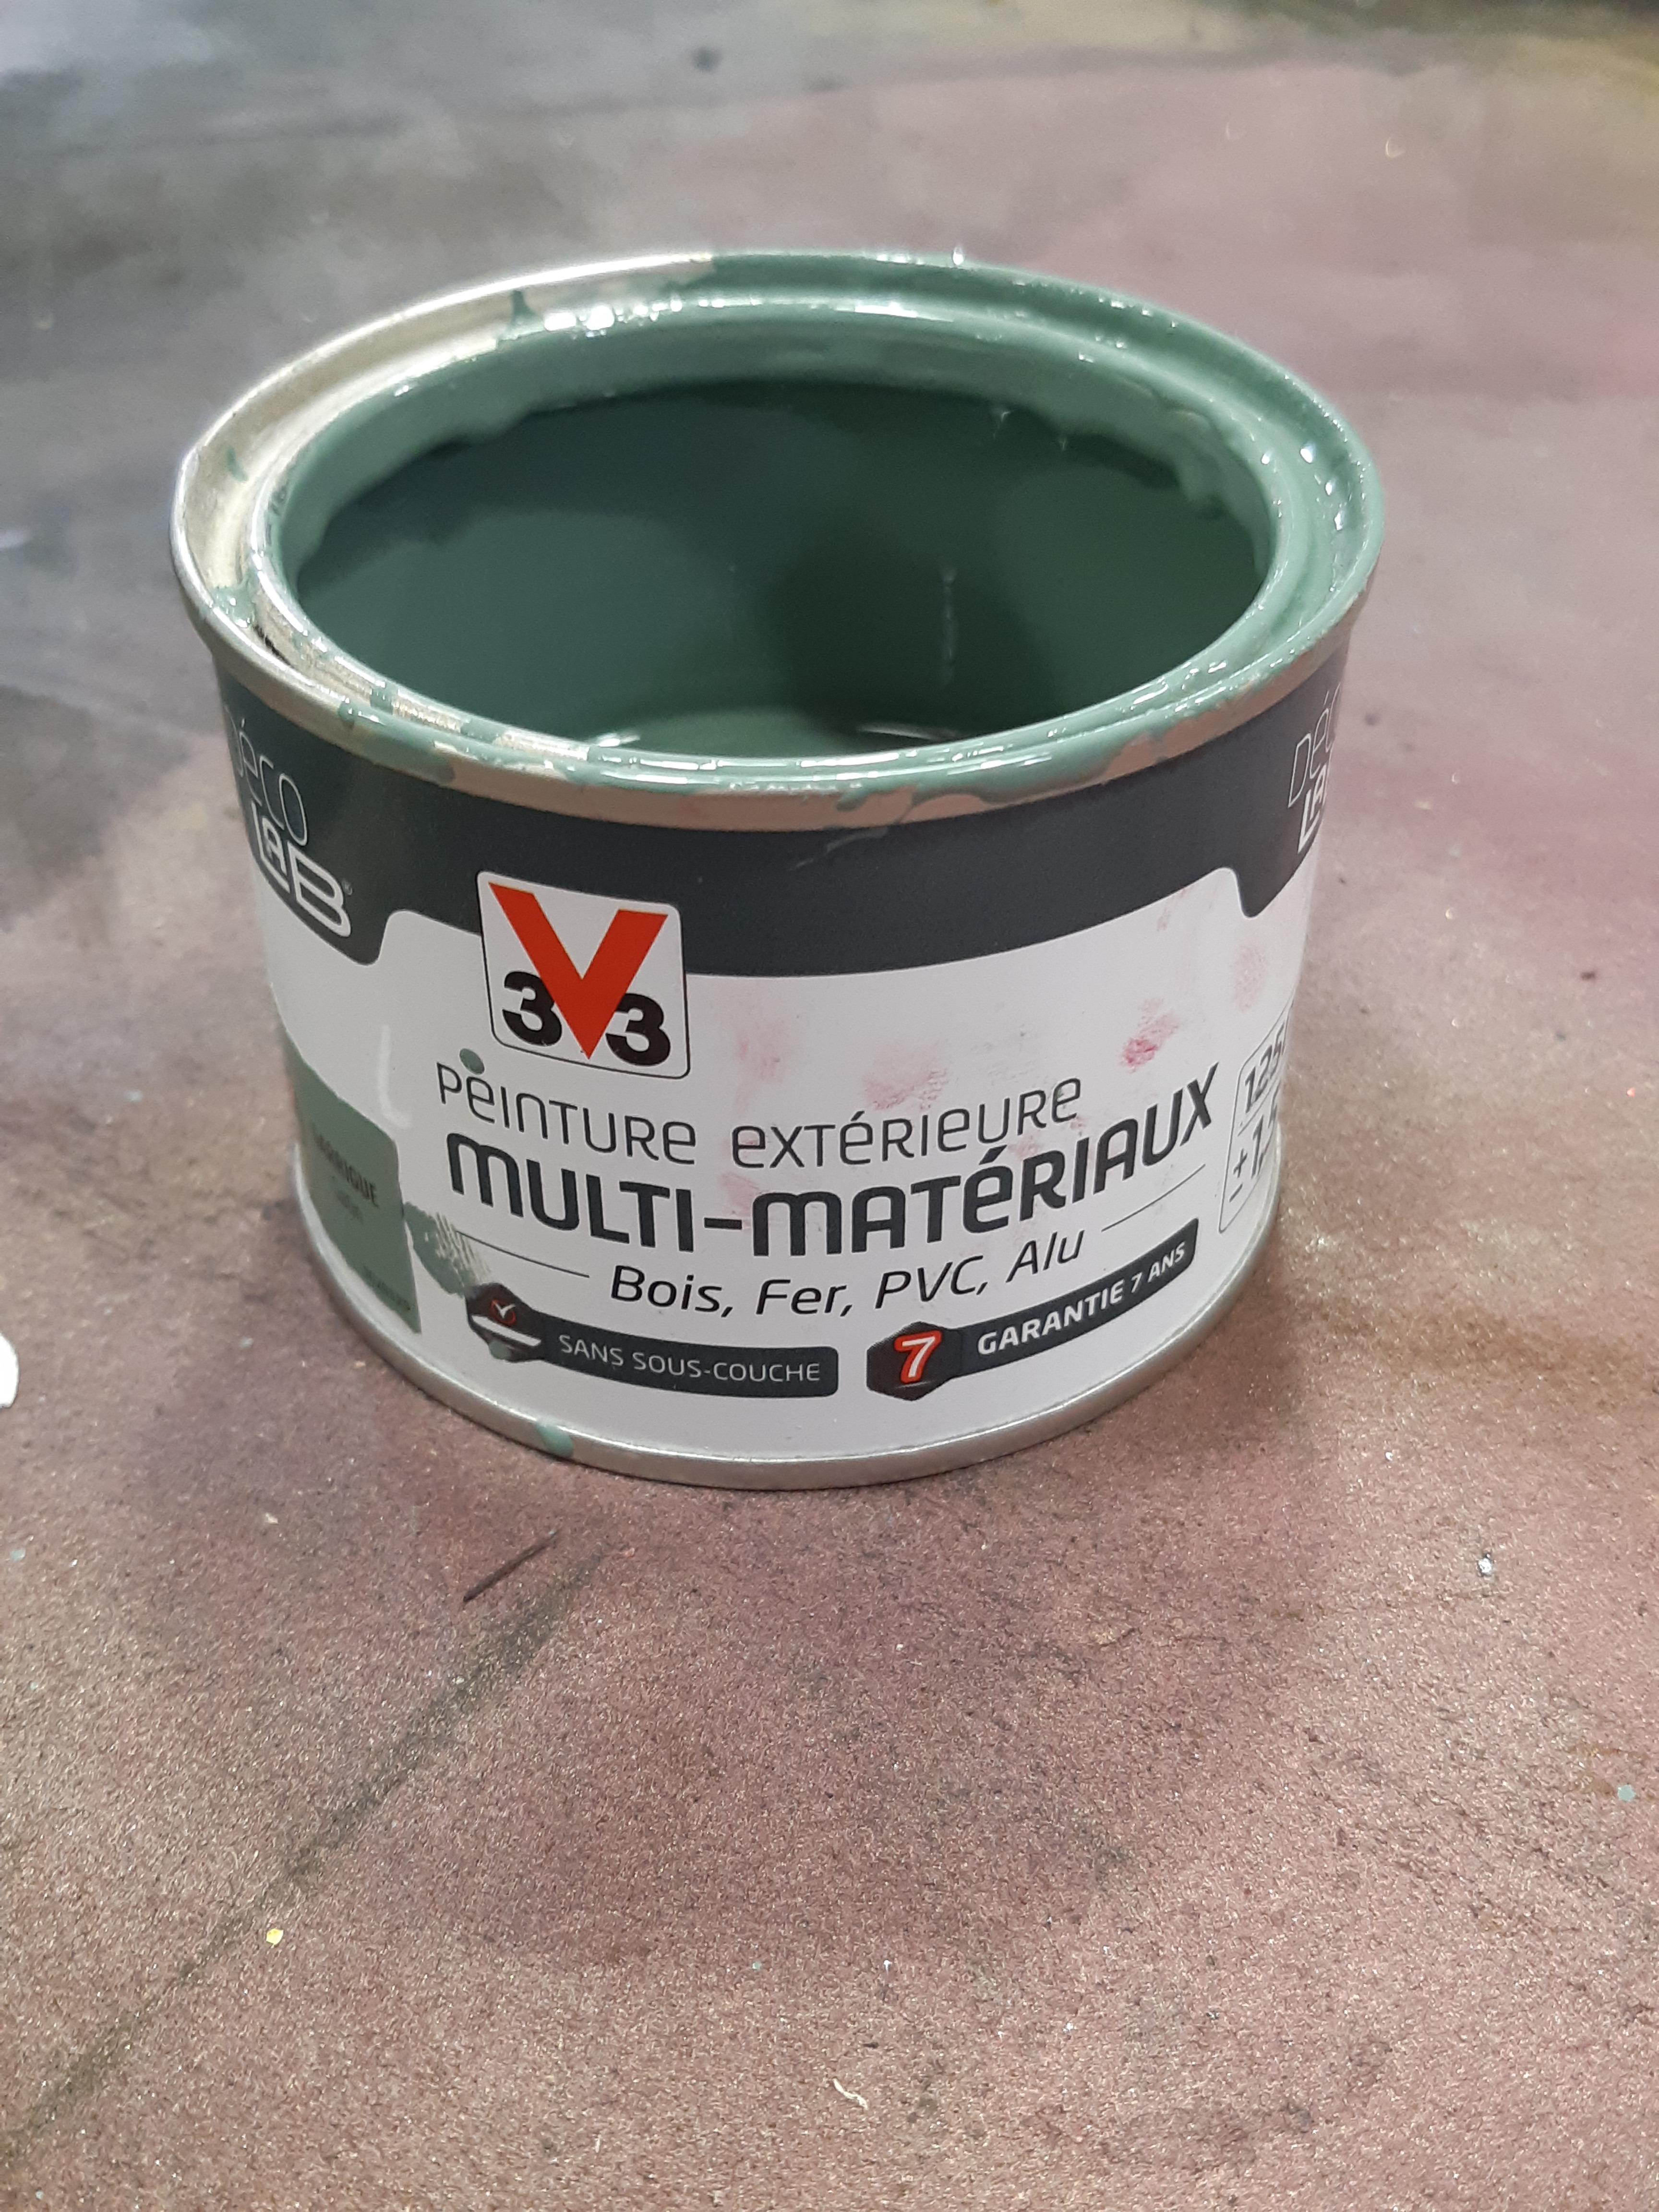 Peinture multi-matériaux extérieur V33, garrigue